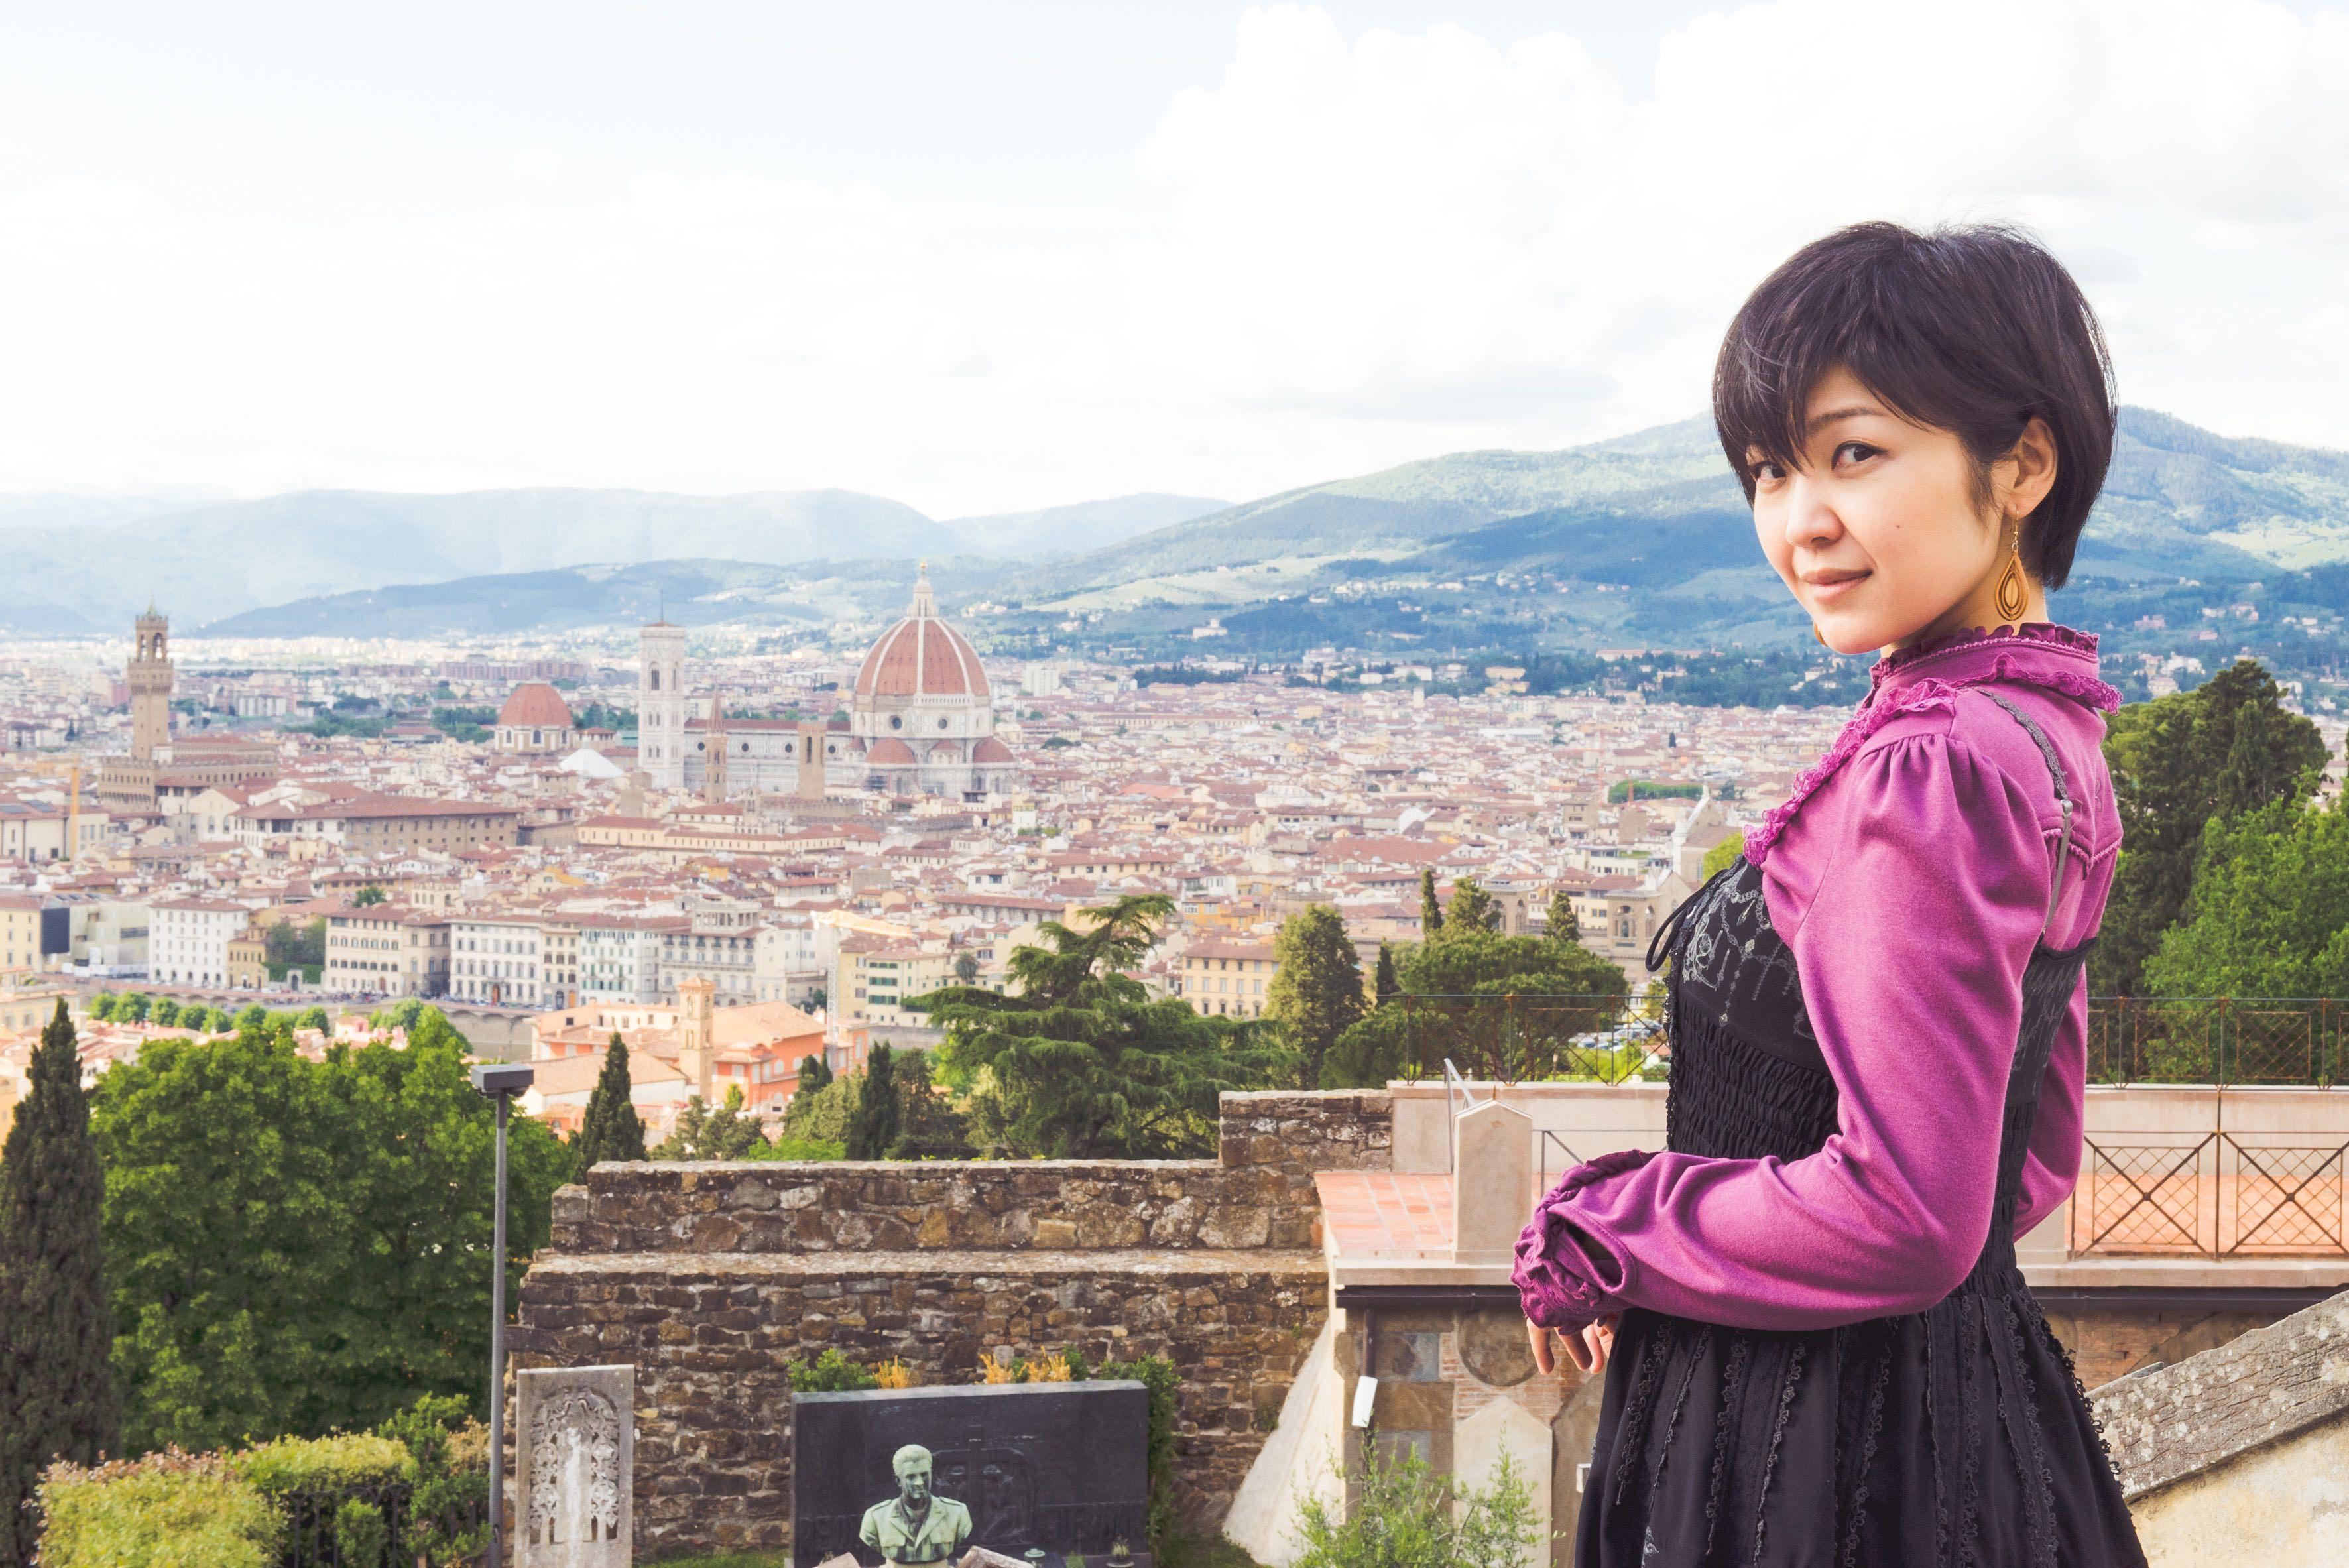 【小林未郁】フィレンツェのドゥオーモでMV「迷宮入り」イタリアバージョンを撮影したい